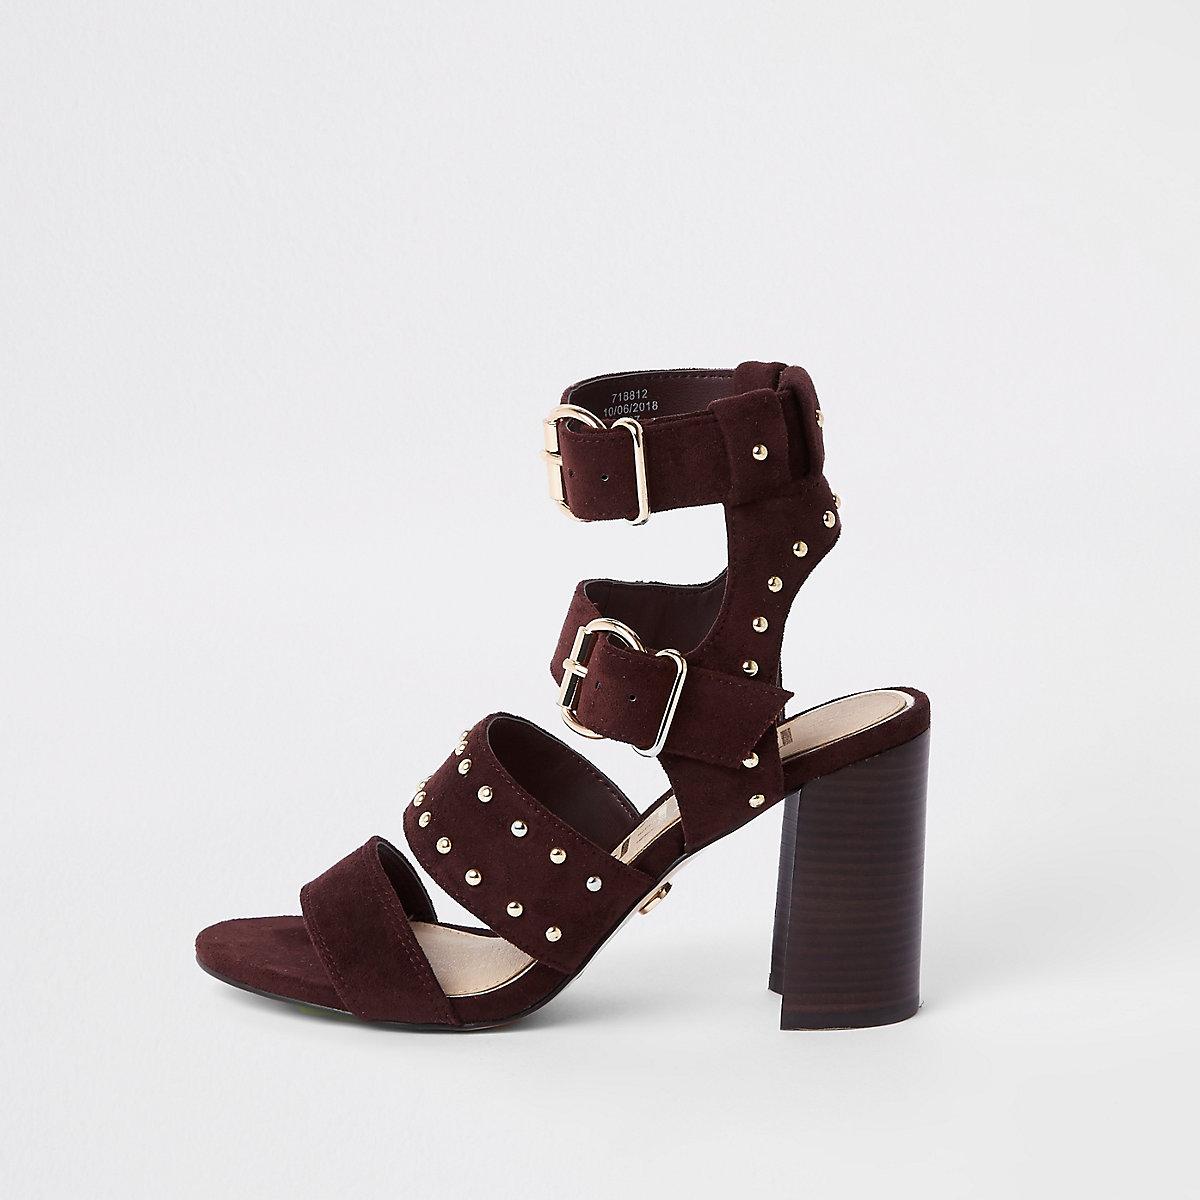 Dark red suede studded block heel sandals